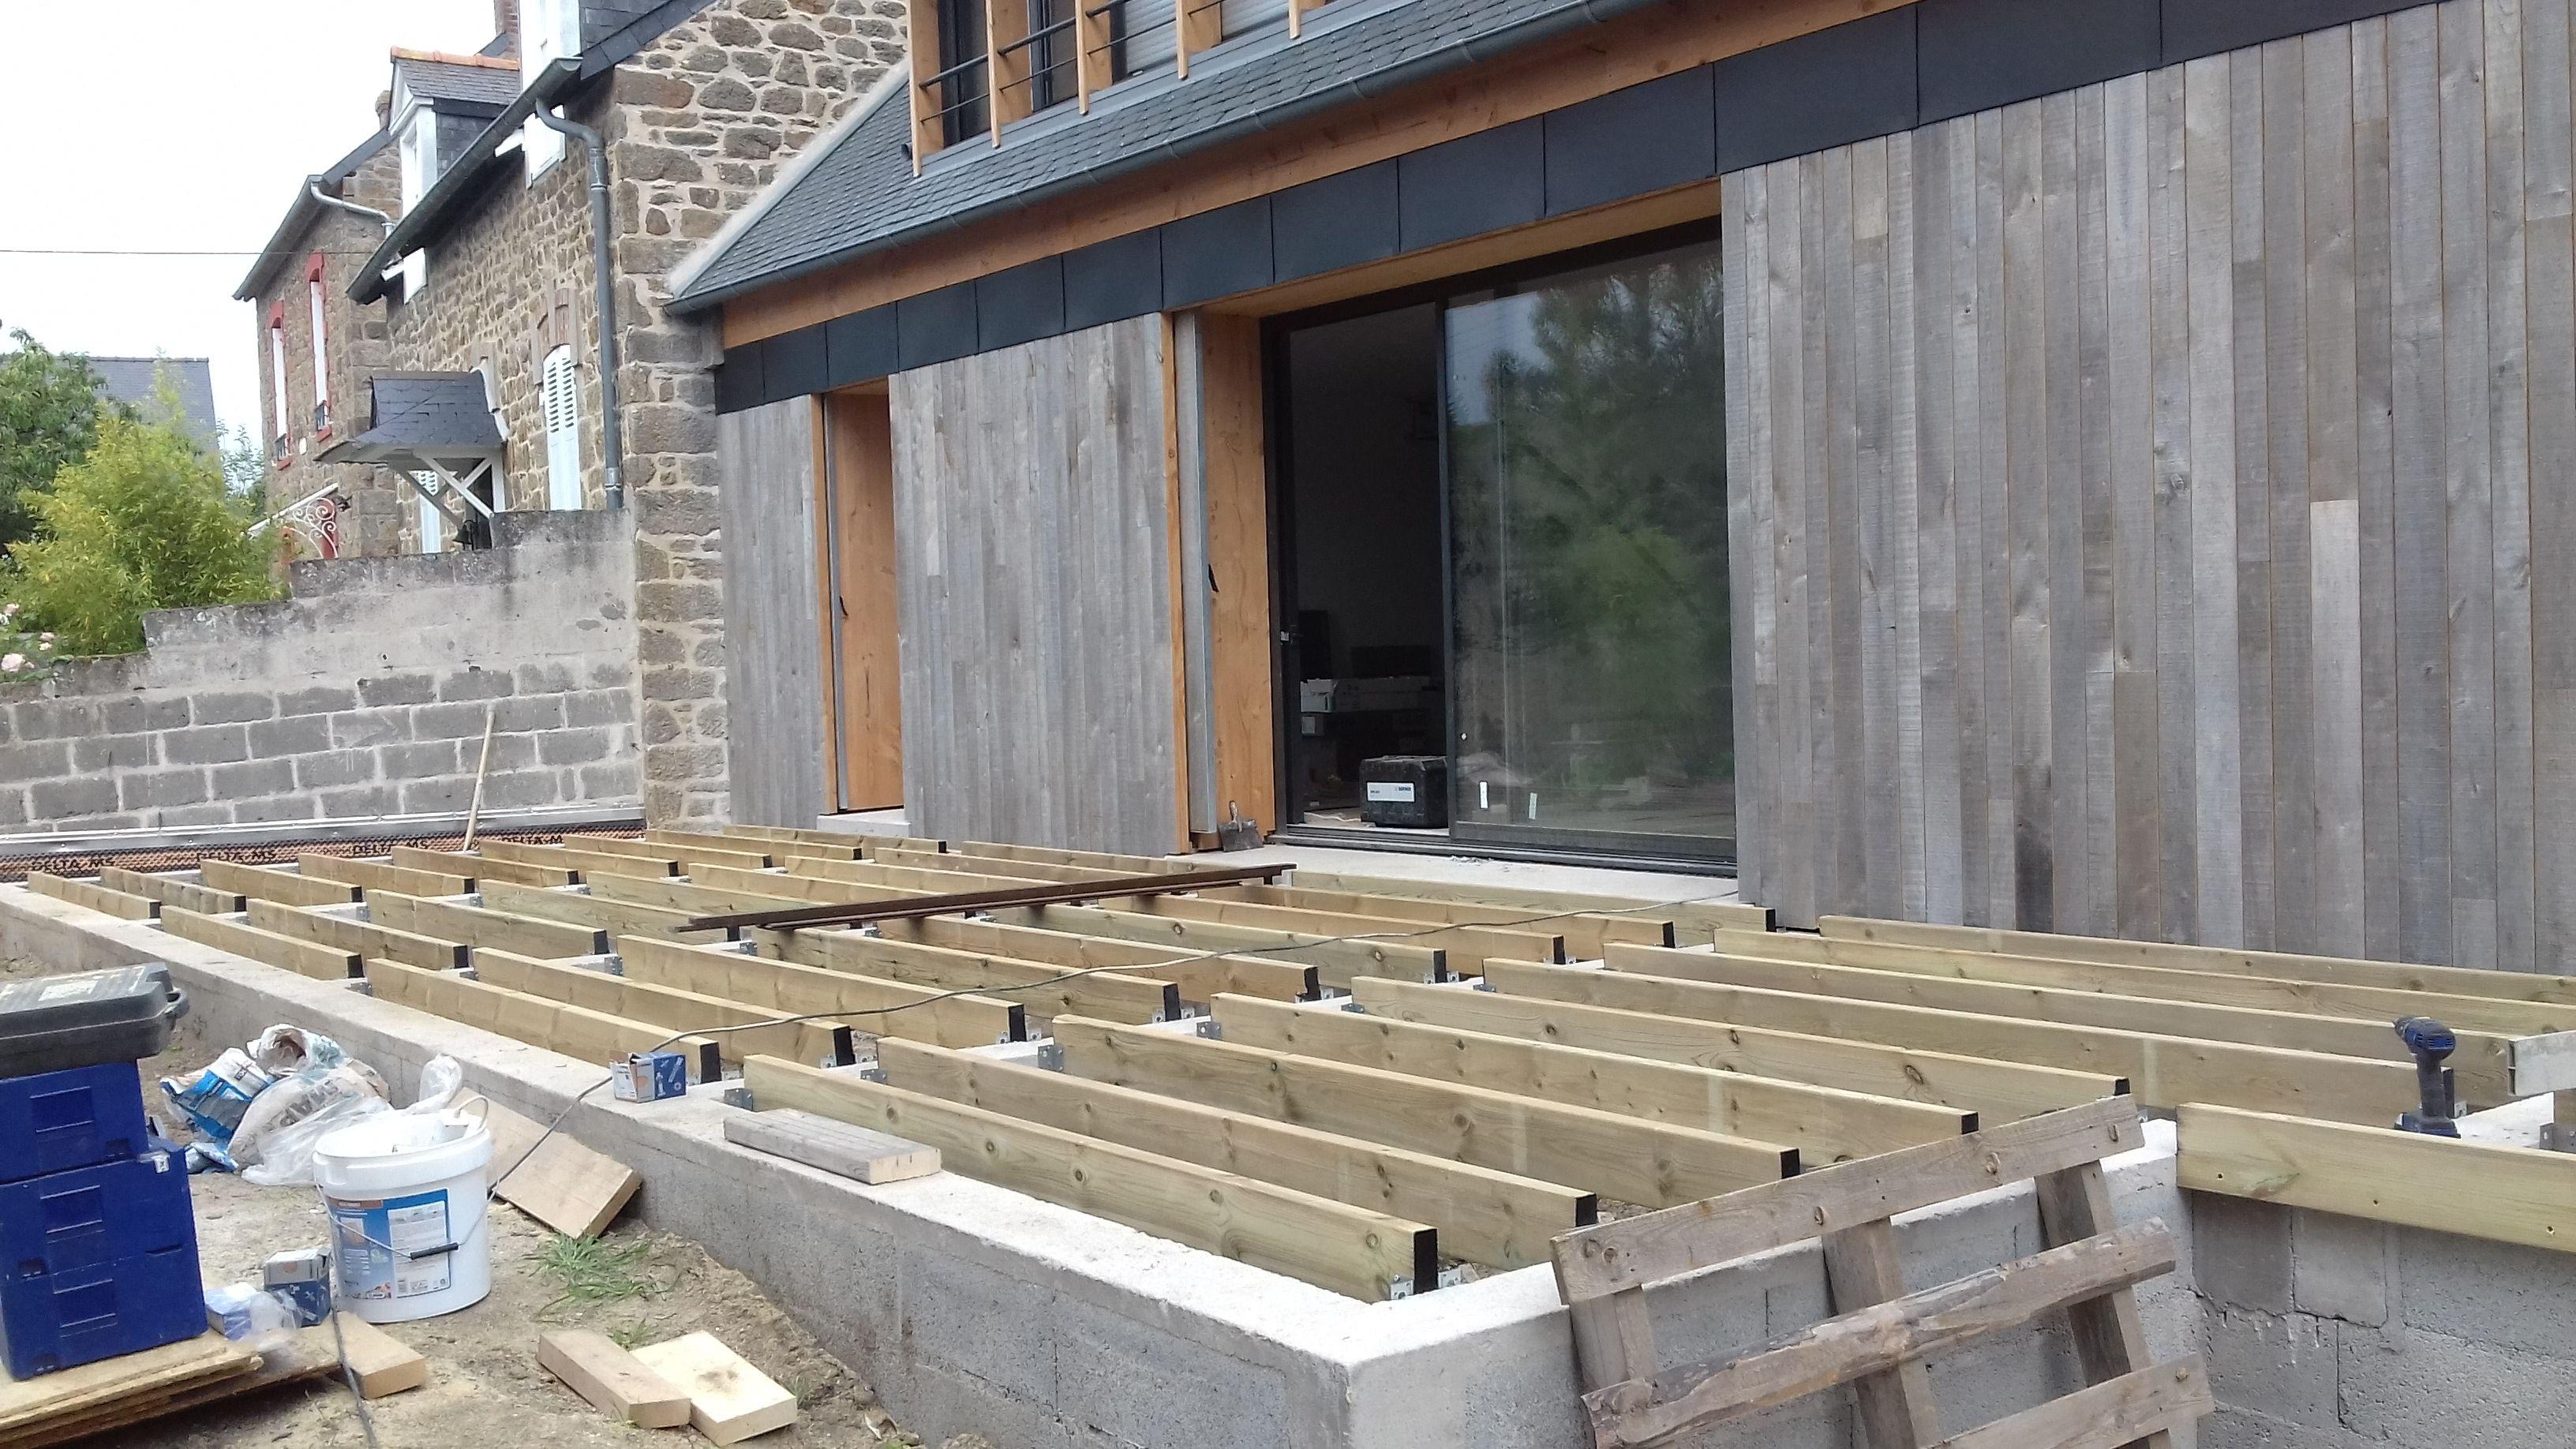 Vente Pose D Une Terrasse Moso Bamboo Xtreme En Bambou Densifie Comprenant La Mise En Place D Une Ossature Bois Compos Mur En Parpaing Terrasse Bois Bastaing